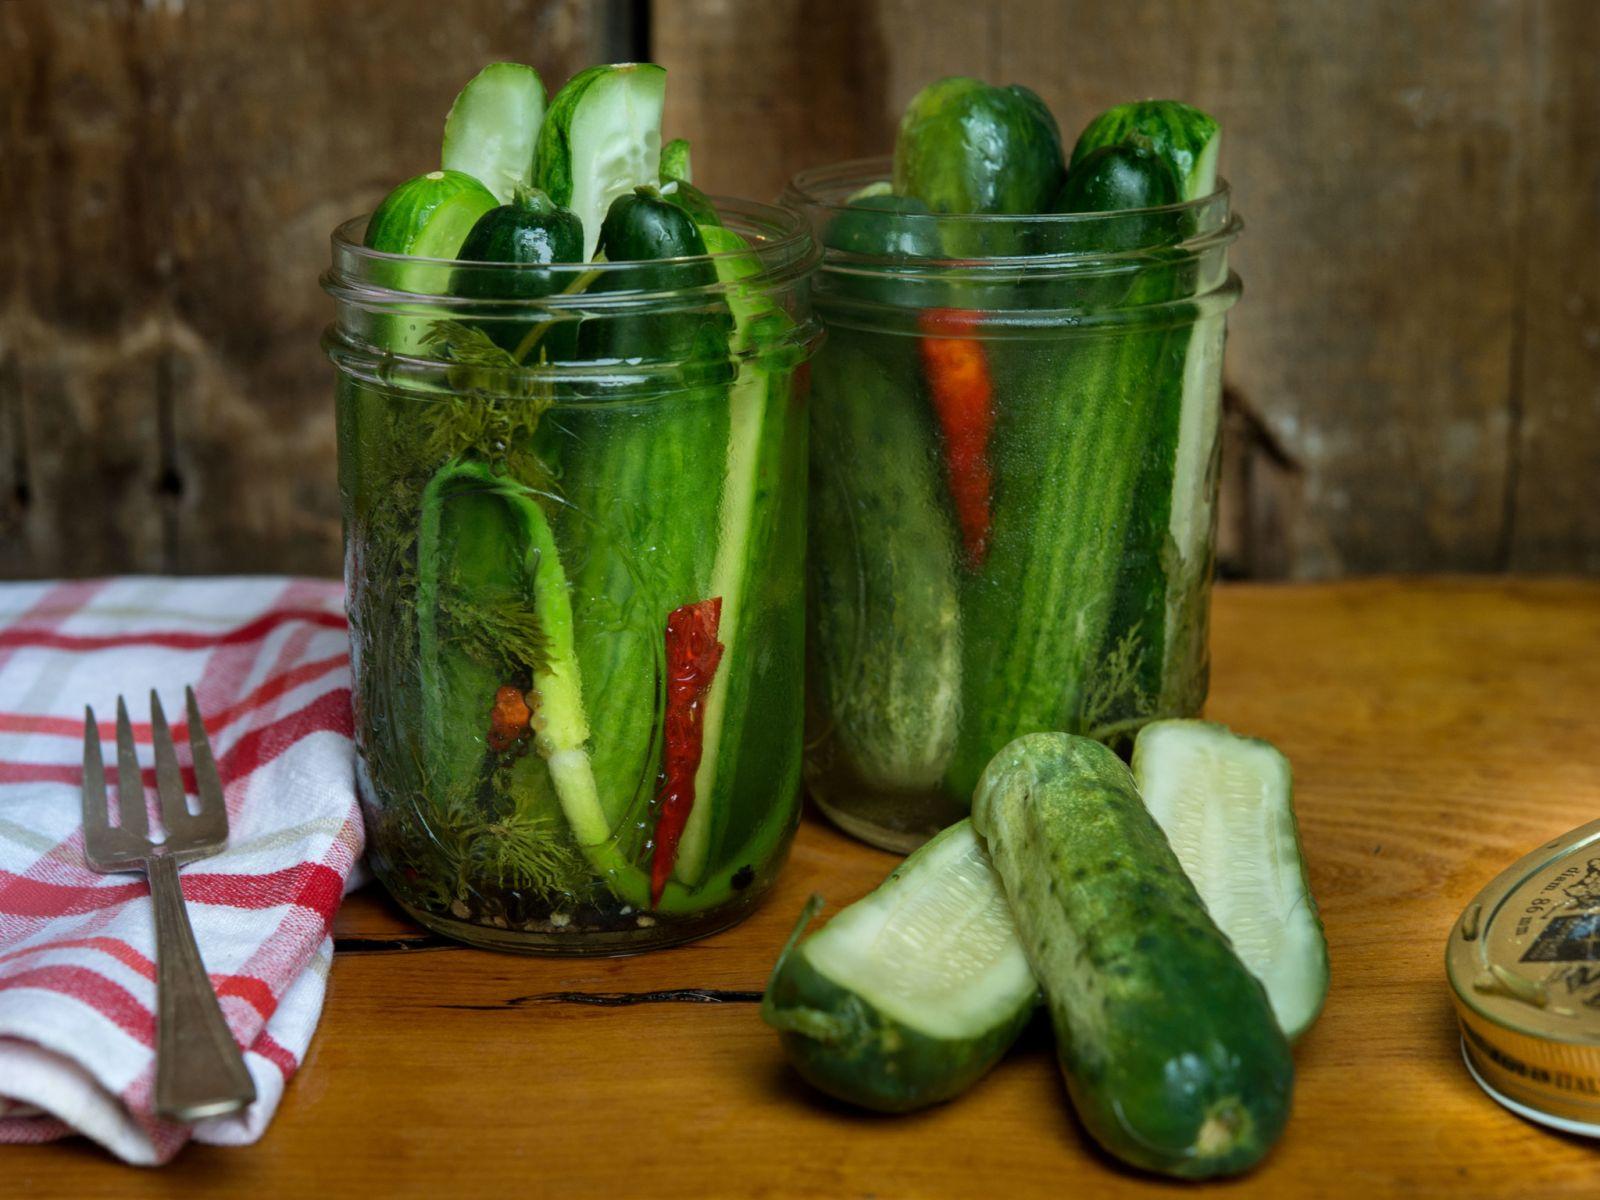 Cider-Spiked-Pickles-in-Jars